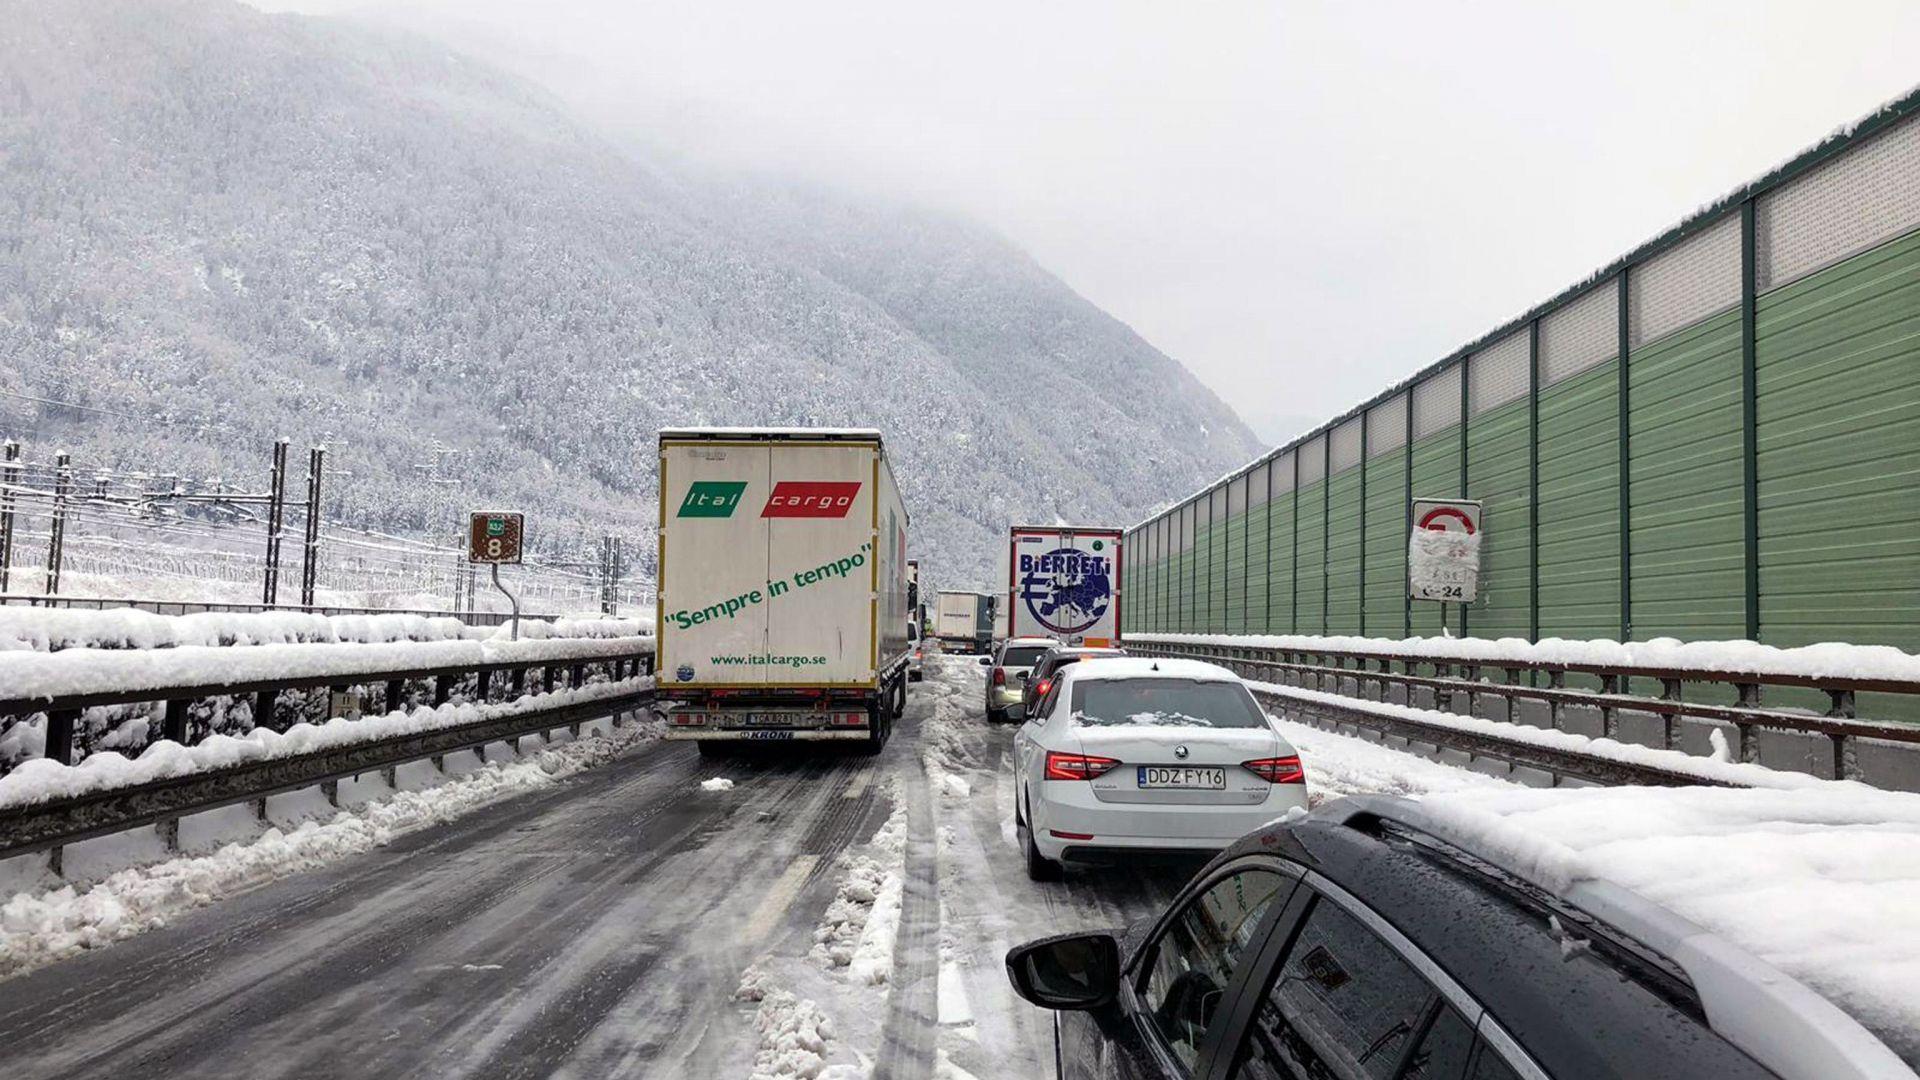 200 души бяха блокирани от лошото време на магистрала в Италия